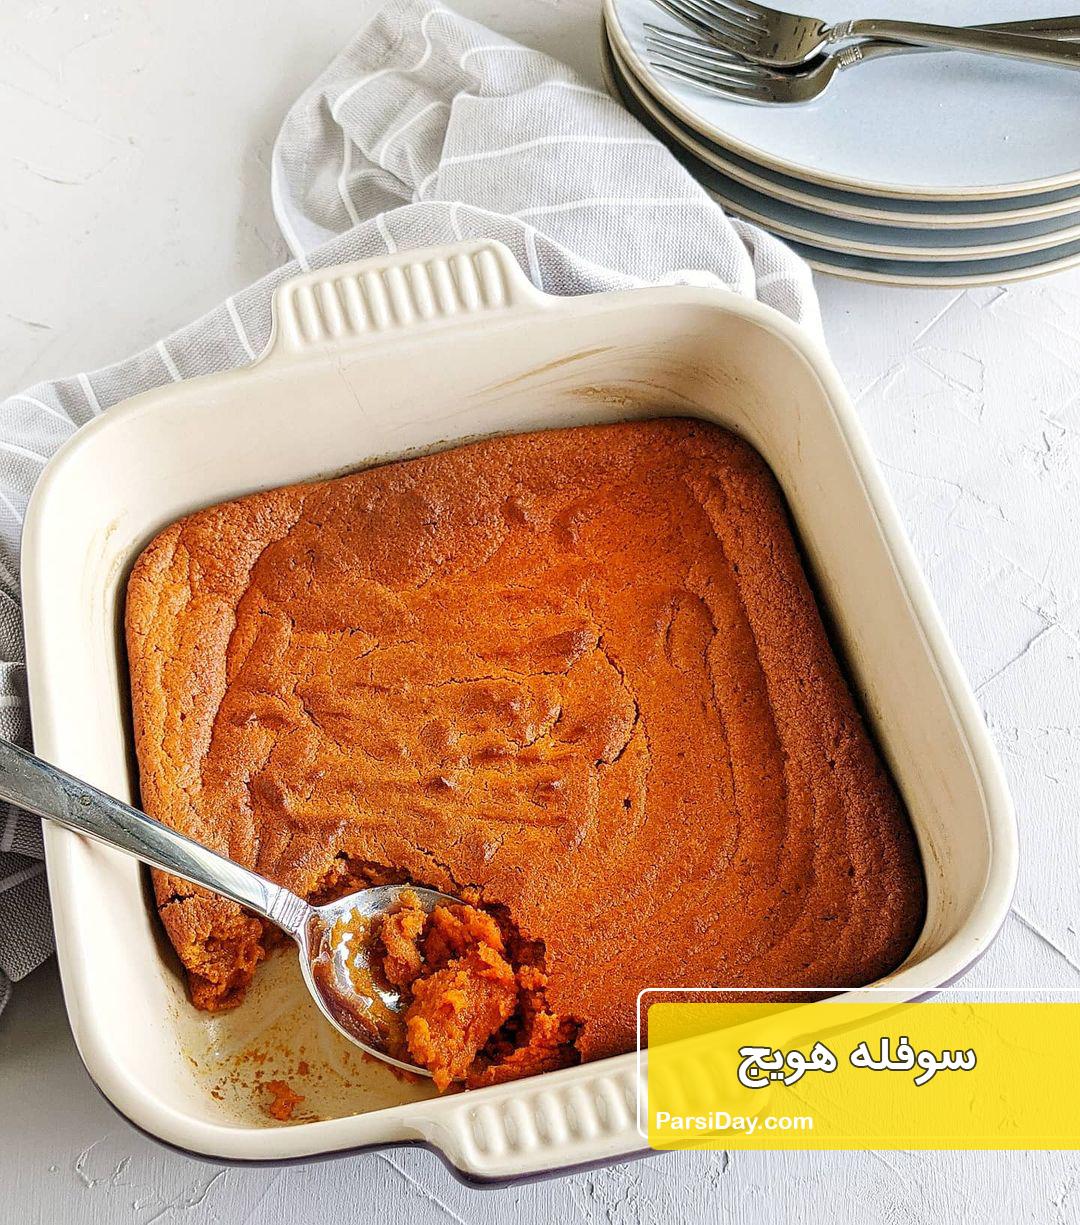 طرز تهیه سوفله هویج ساده و خوشمزه با پنیر مرحله به مرحله